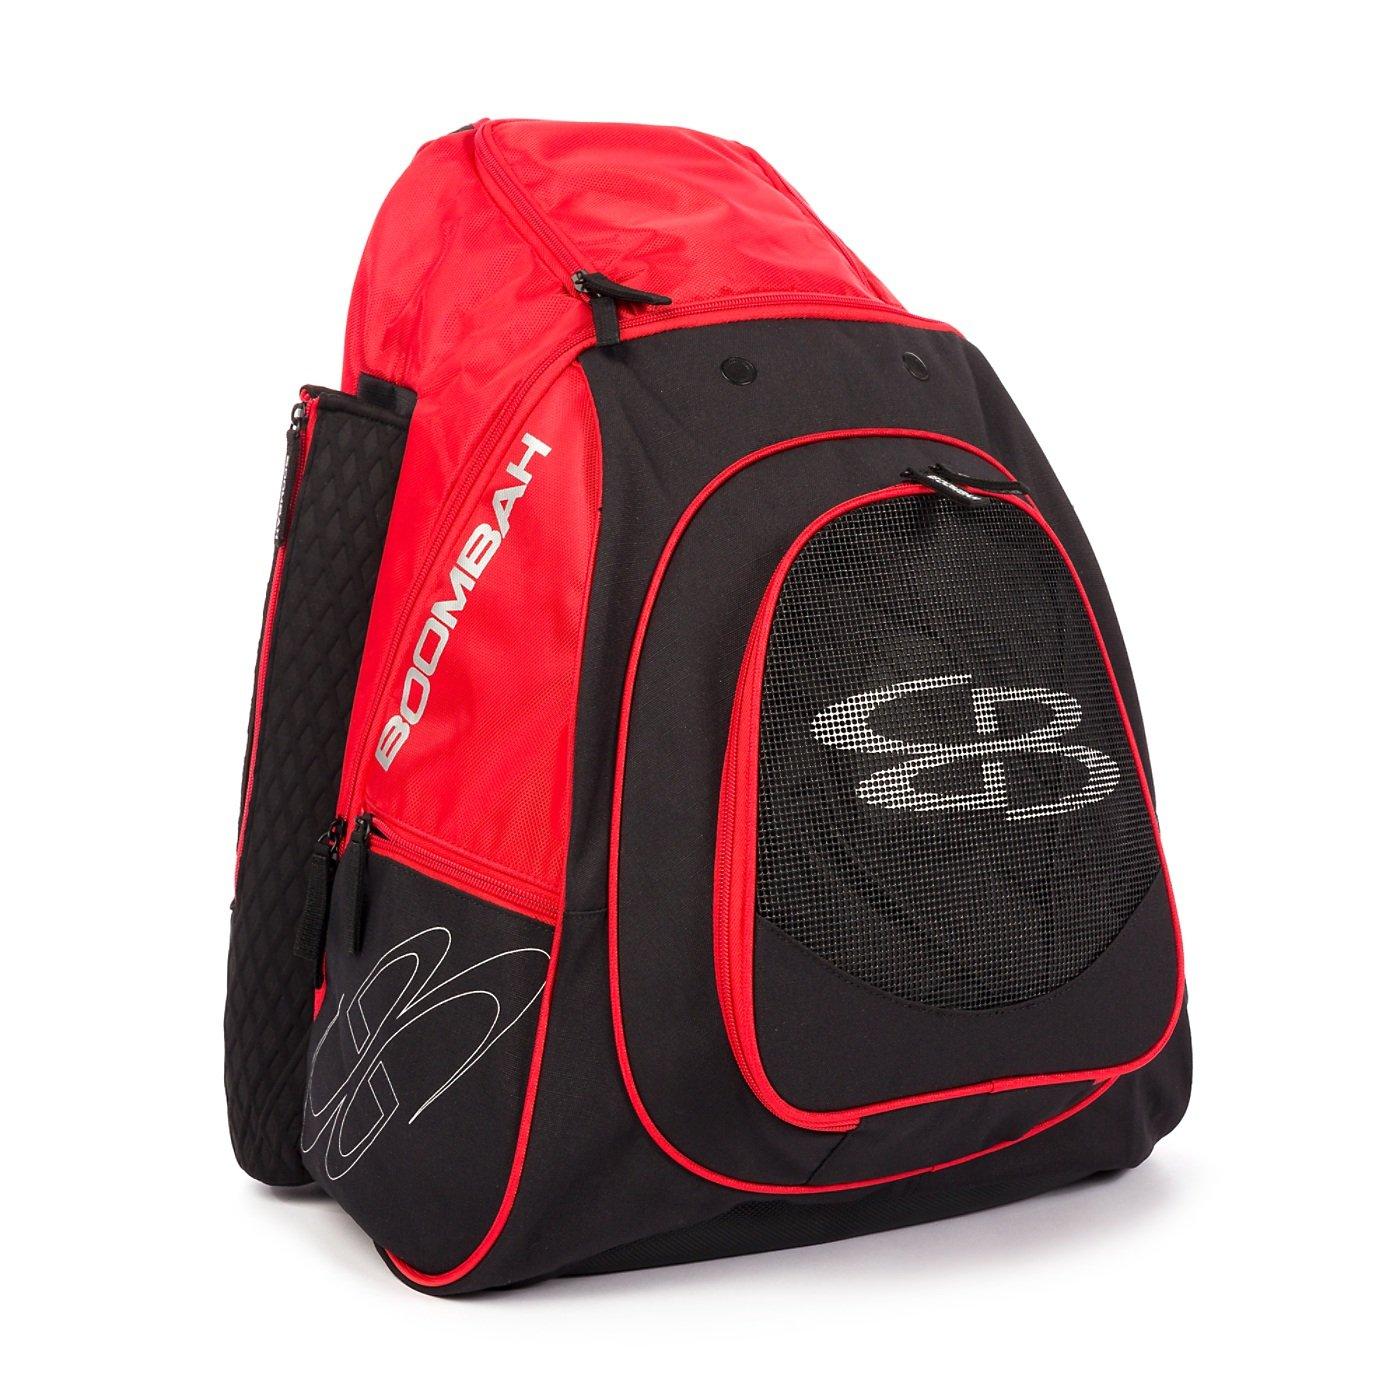 Boombah隊Bat Pack – 9カラーオプション B07BHX48WL ブラック/レッド ブラック/レッド